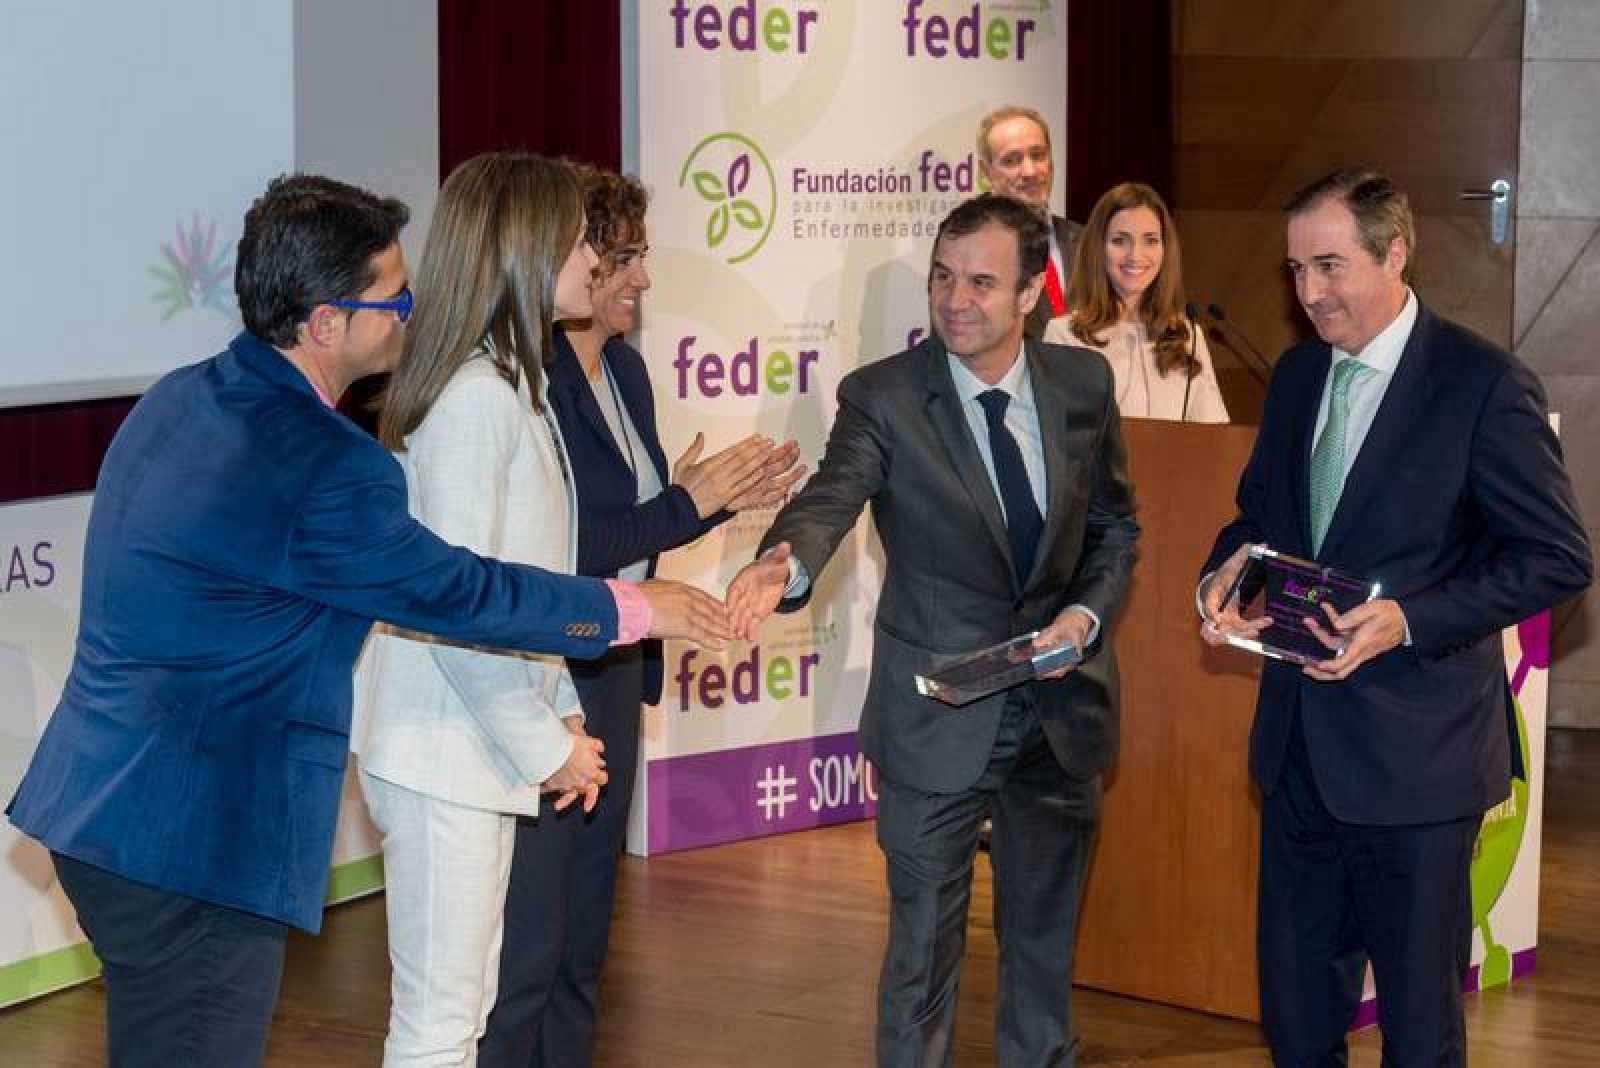 José Velasco y Eladio Jareño reciben el Premio FEDER de manos de la Reina Letizia